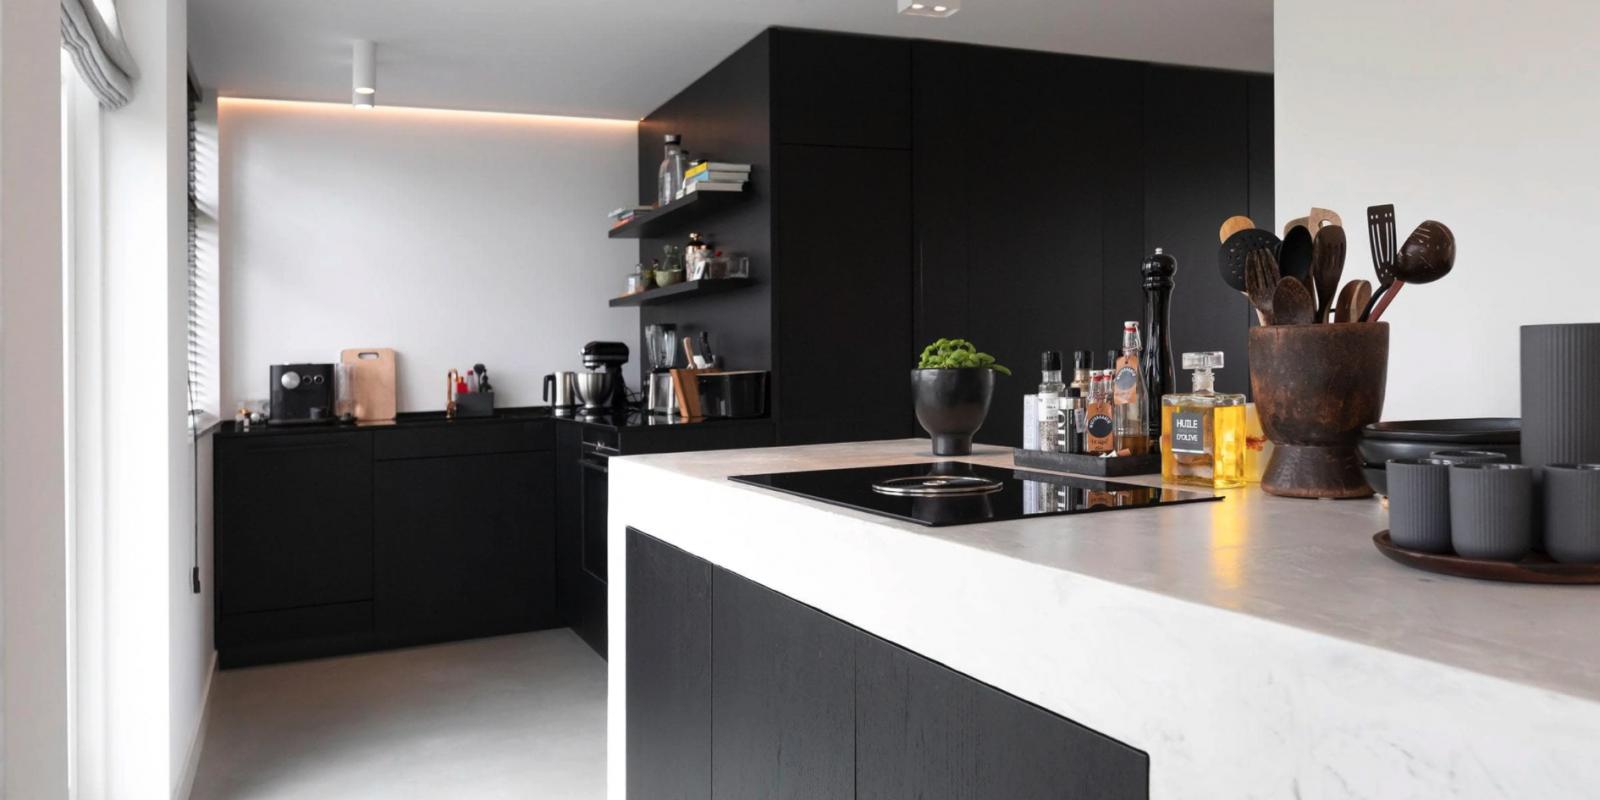 Keuken Op Maat Door Atelier 19 Vlaardingen